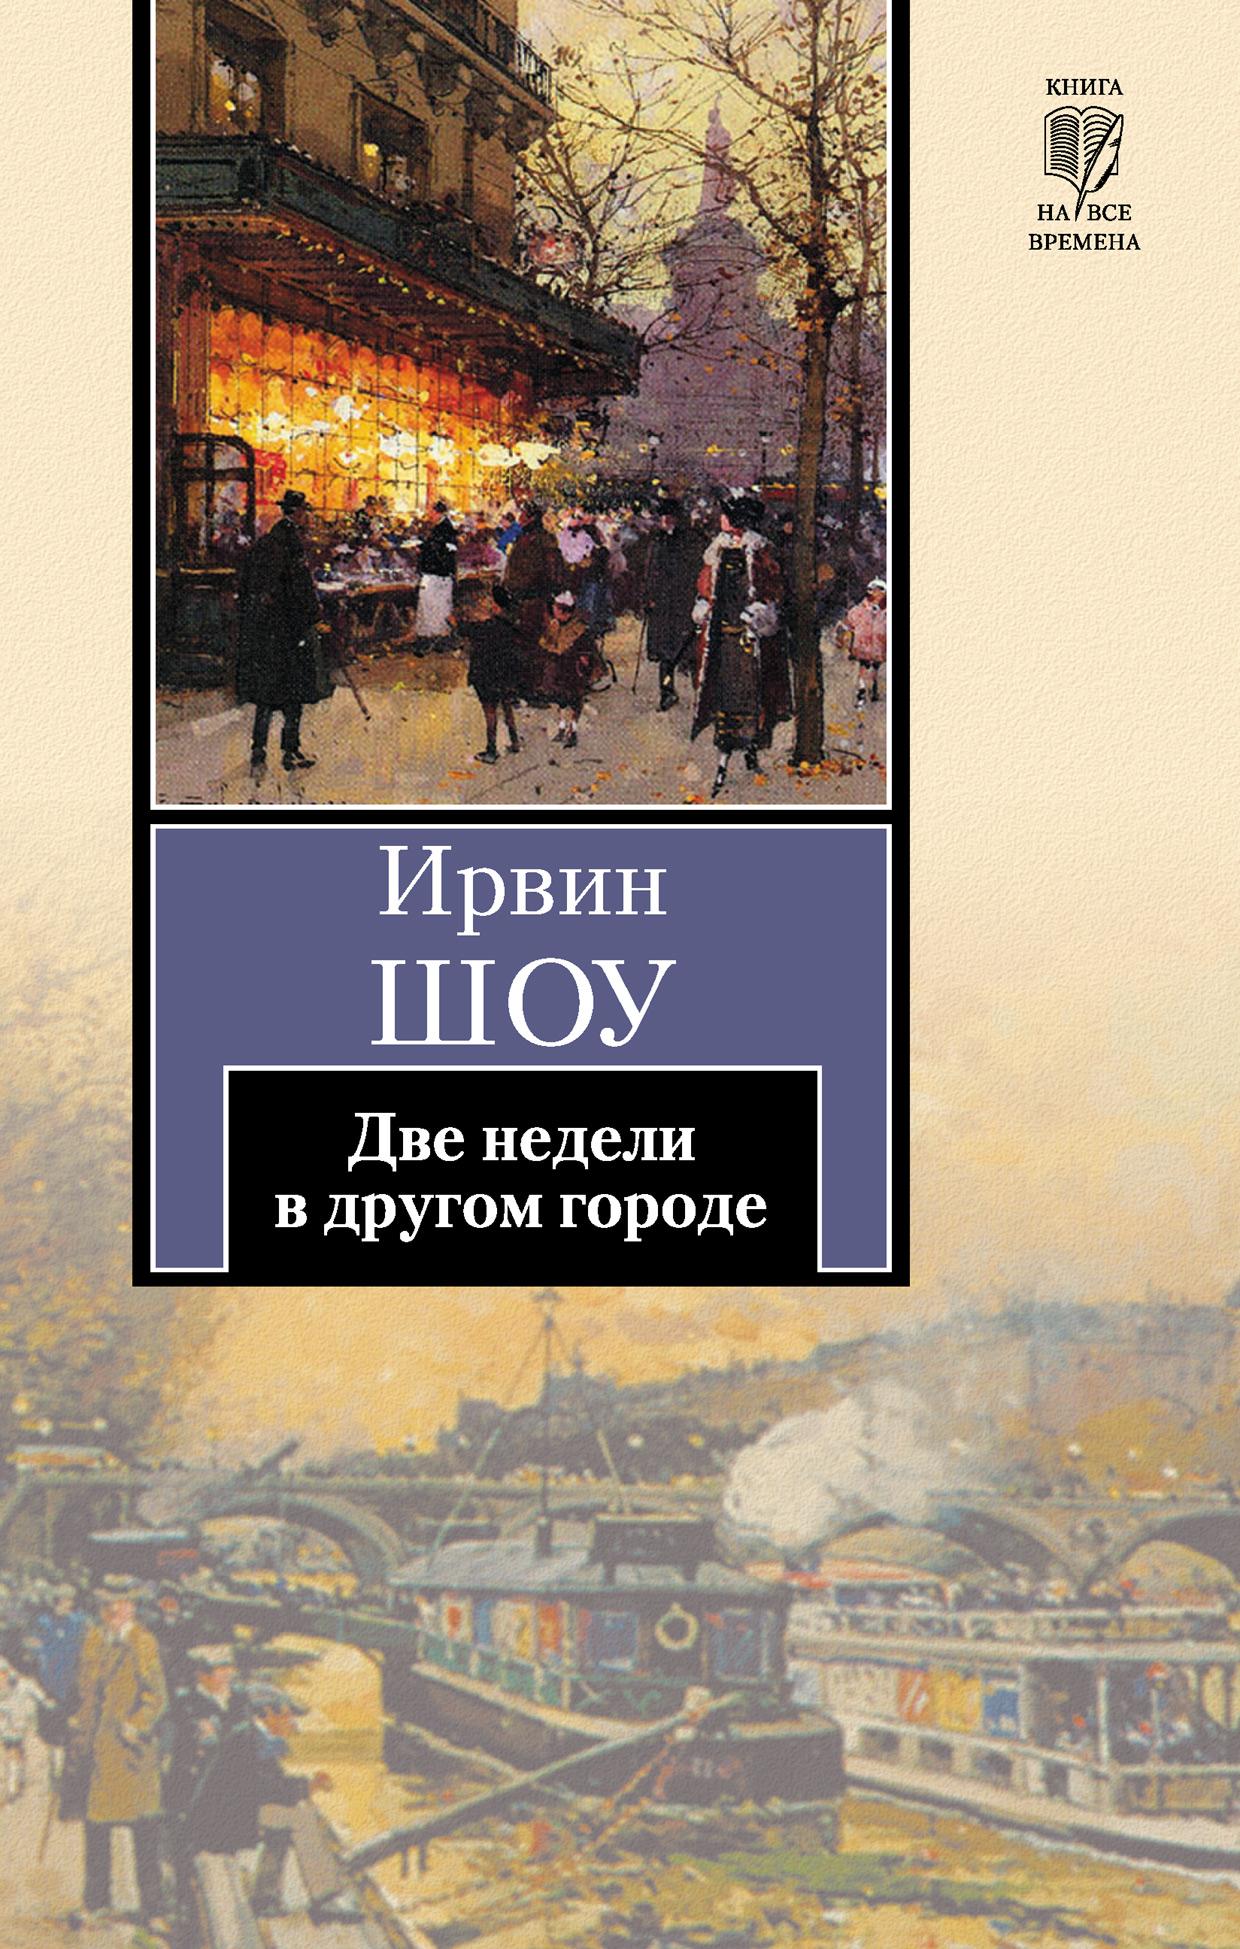 Ирвин Шоу Две недели в другом городе русская жизнь за две недели 20 37 октябрь 2008